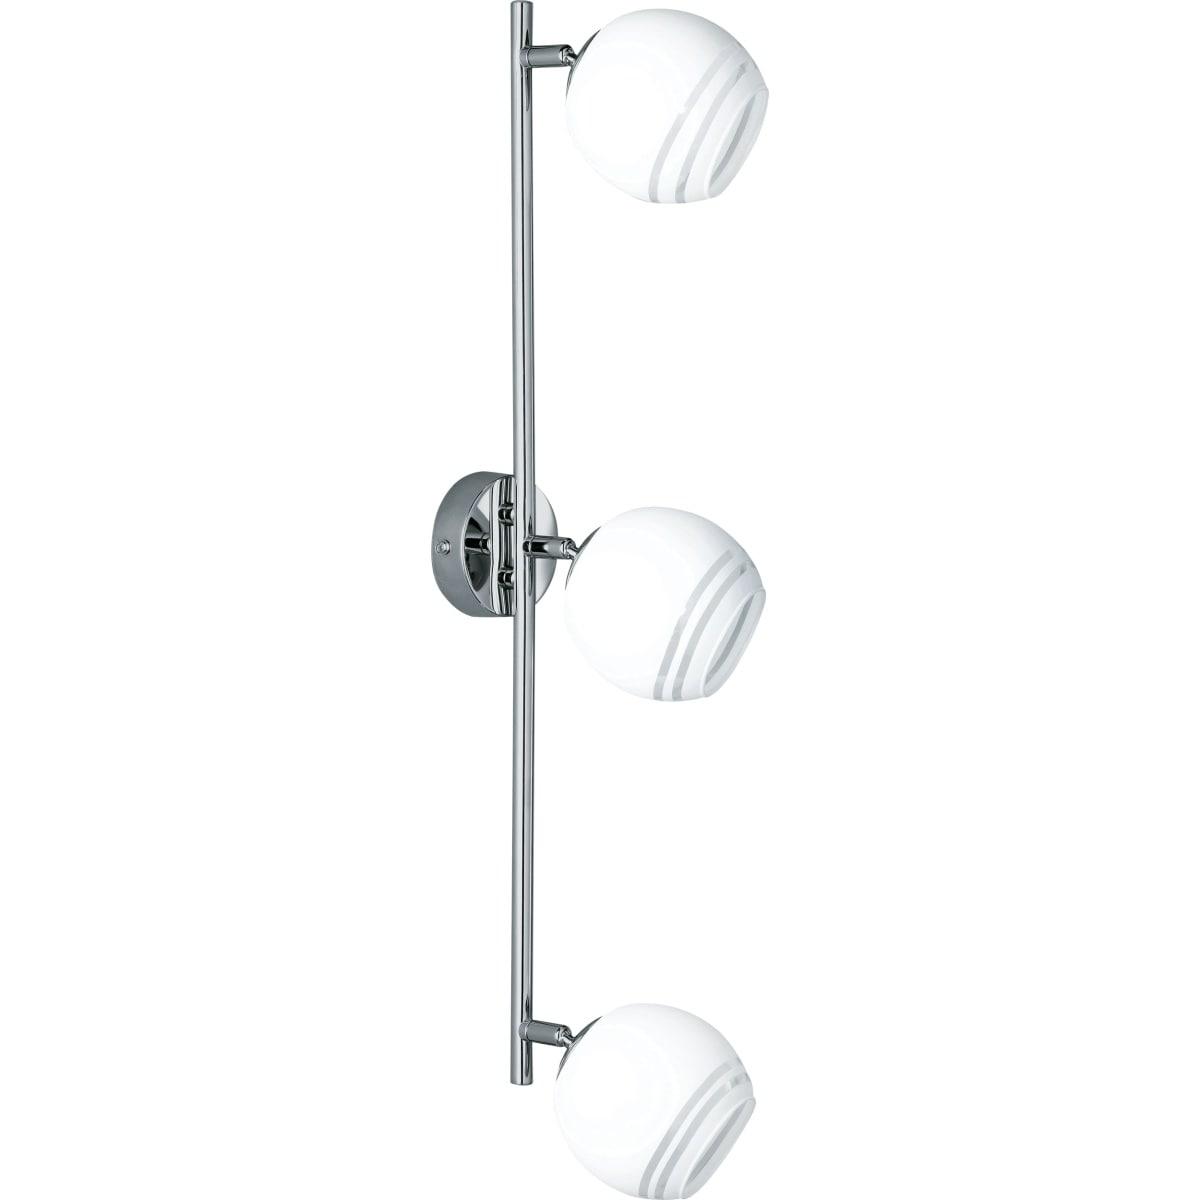 3er spot wei deckenlampen lampen dekoration m bel. Black Bedroom Furniture Sets. Home Design Ideas